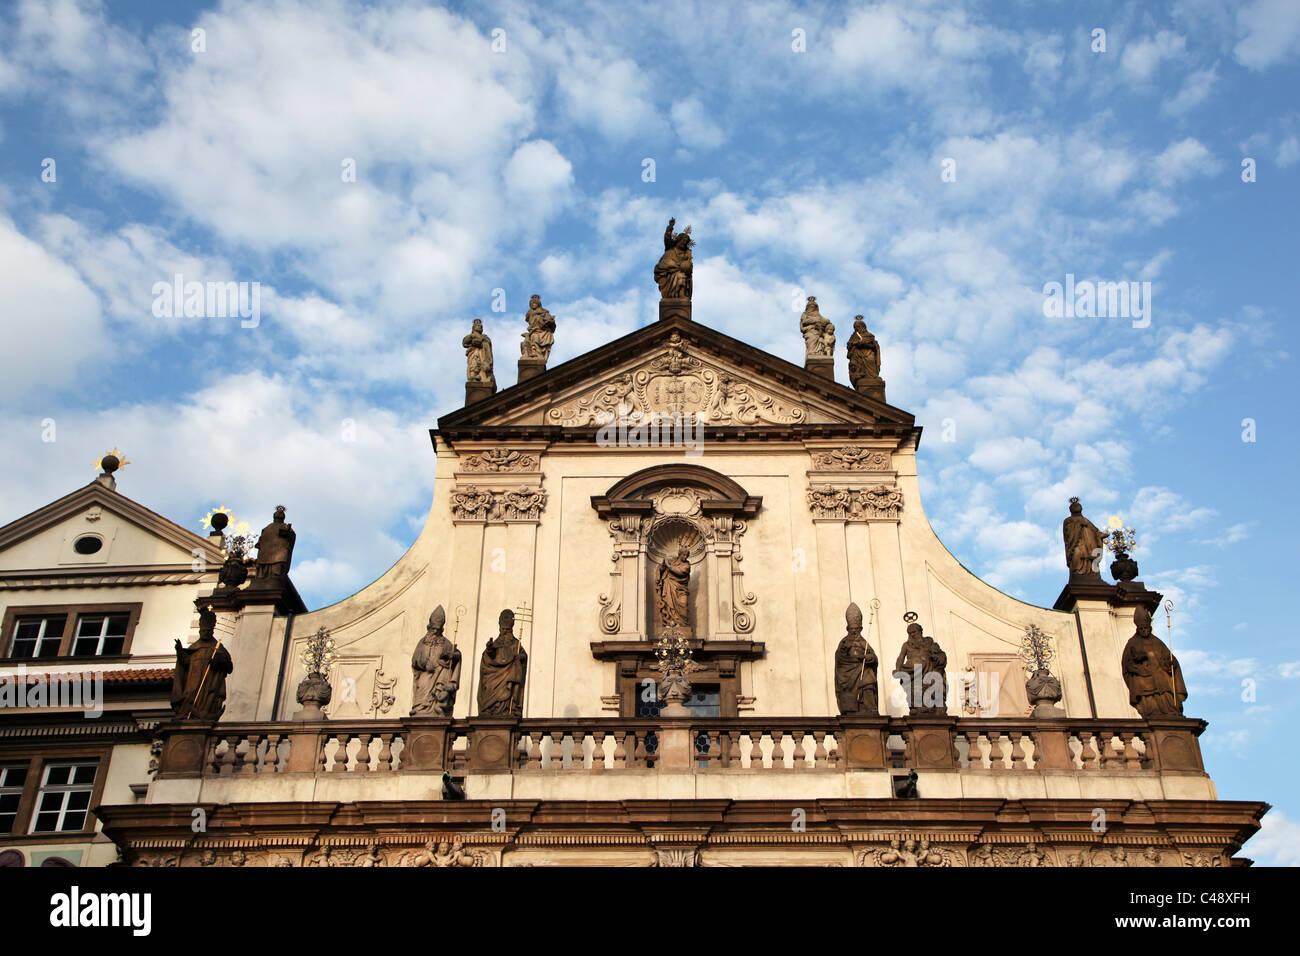 La iglesia del Santísimo Salvador, Praga, República Checa. Imagen De Stock